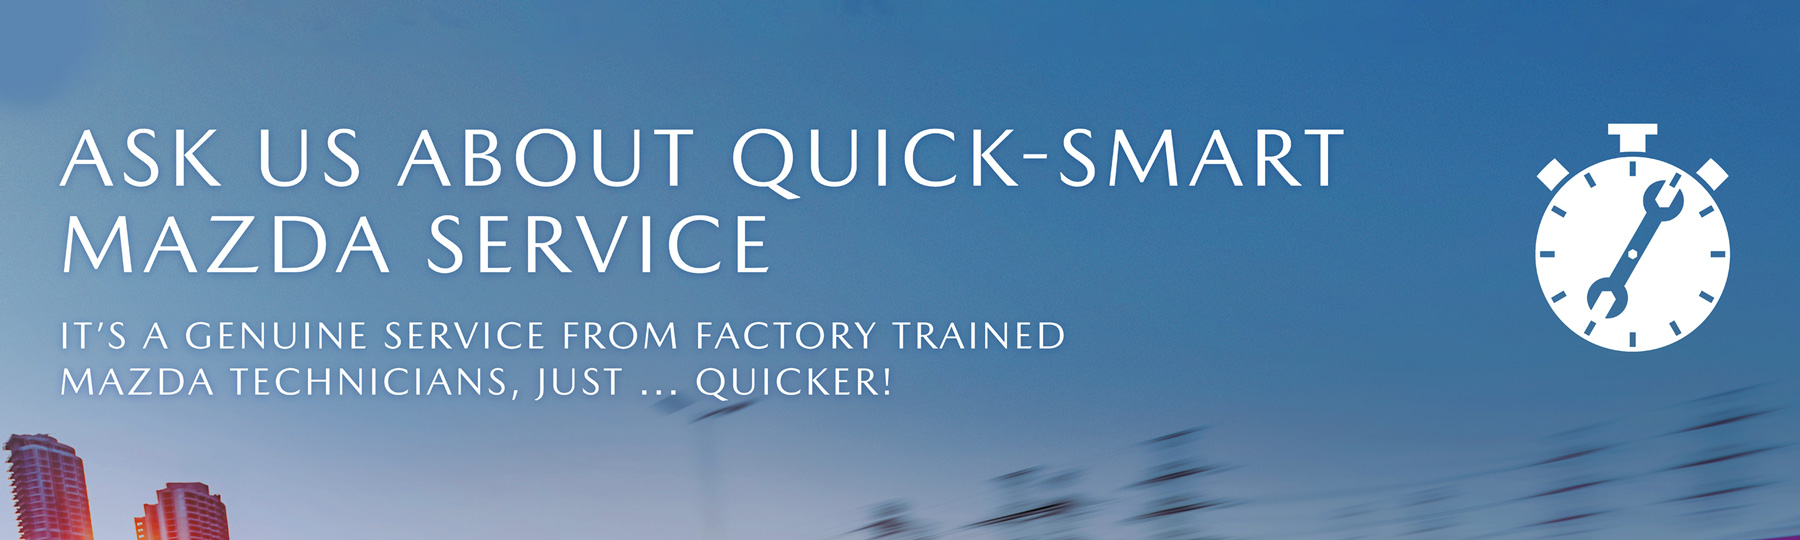 Quick-Smart Mazda Service